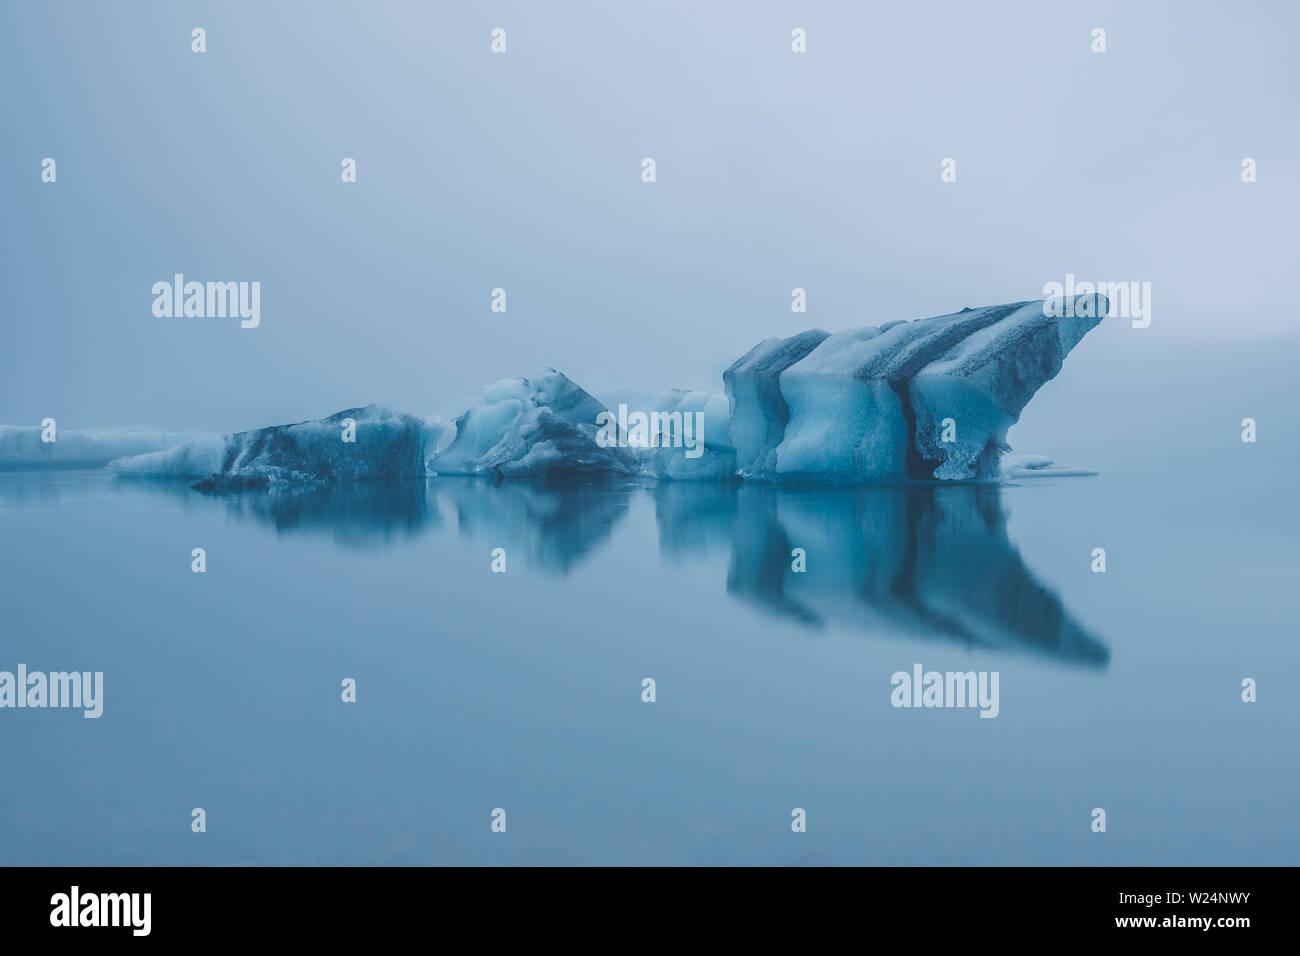 Iceland at midnight - melting icebergs from Jökulsárlón glacier Stock Photo